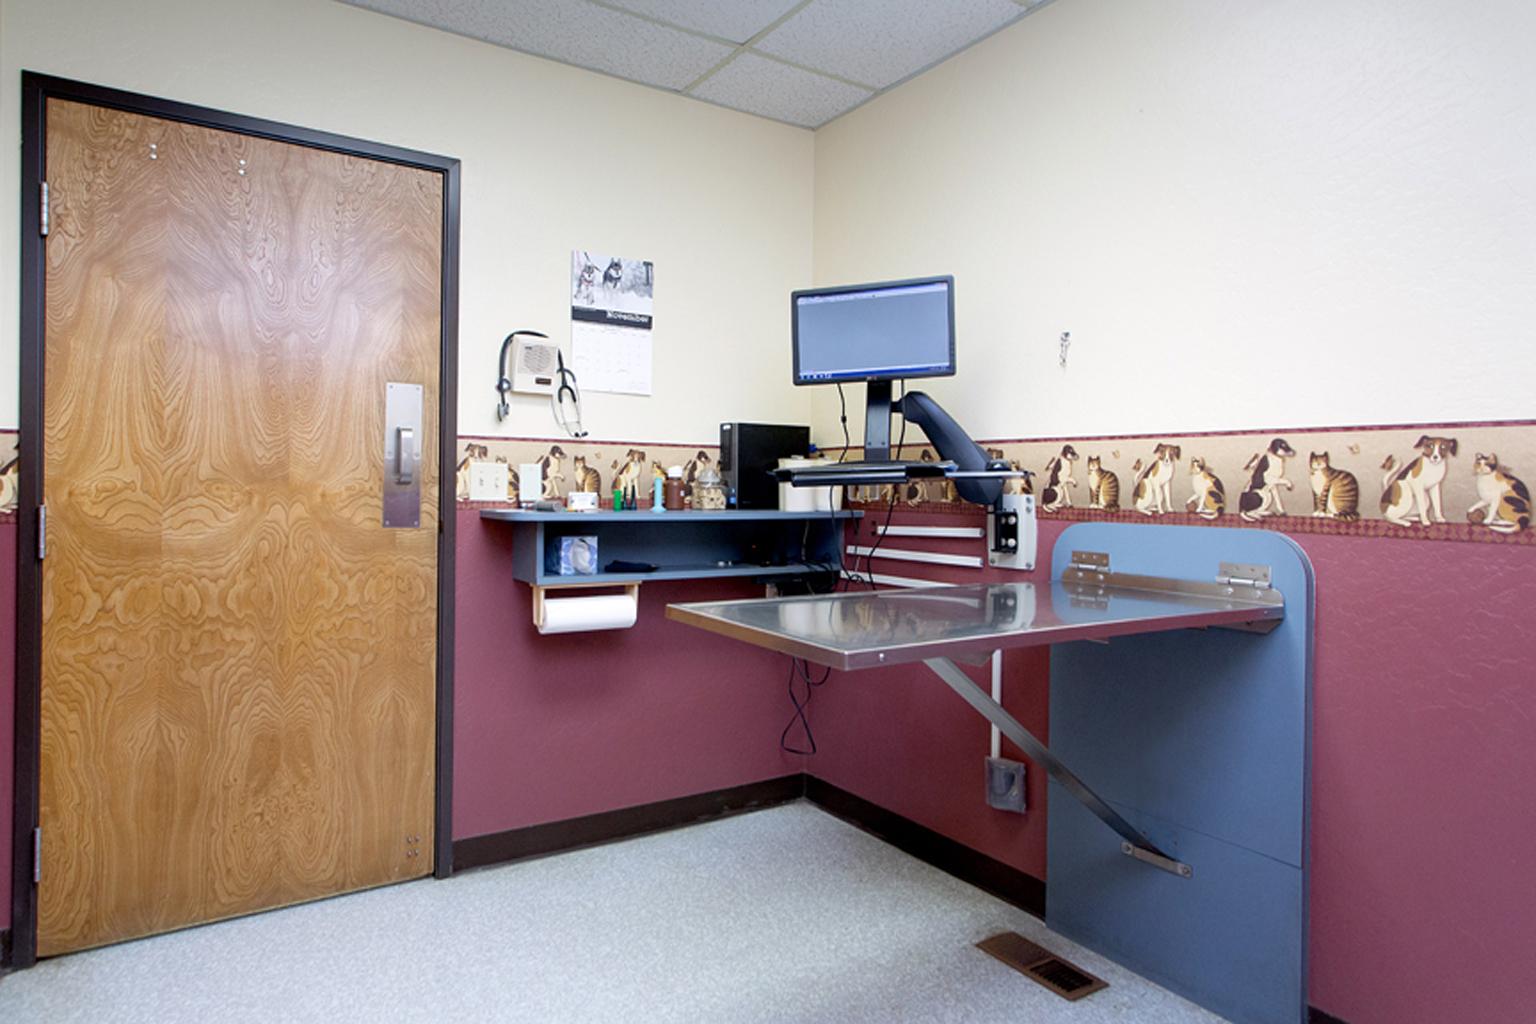 VCA Big Lake Animal Hospital image 1